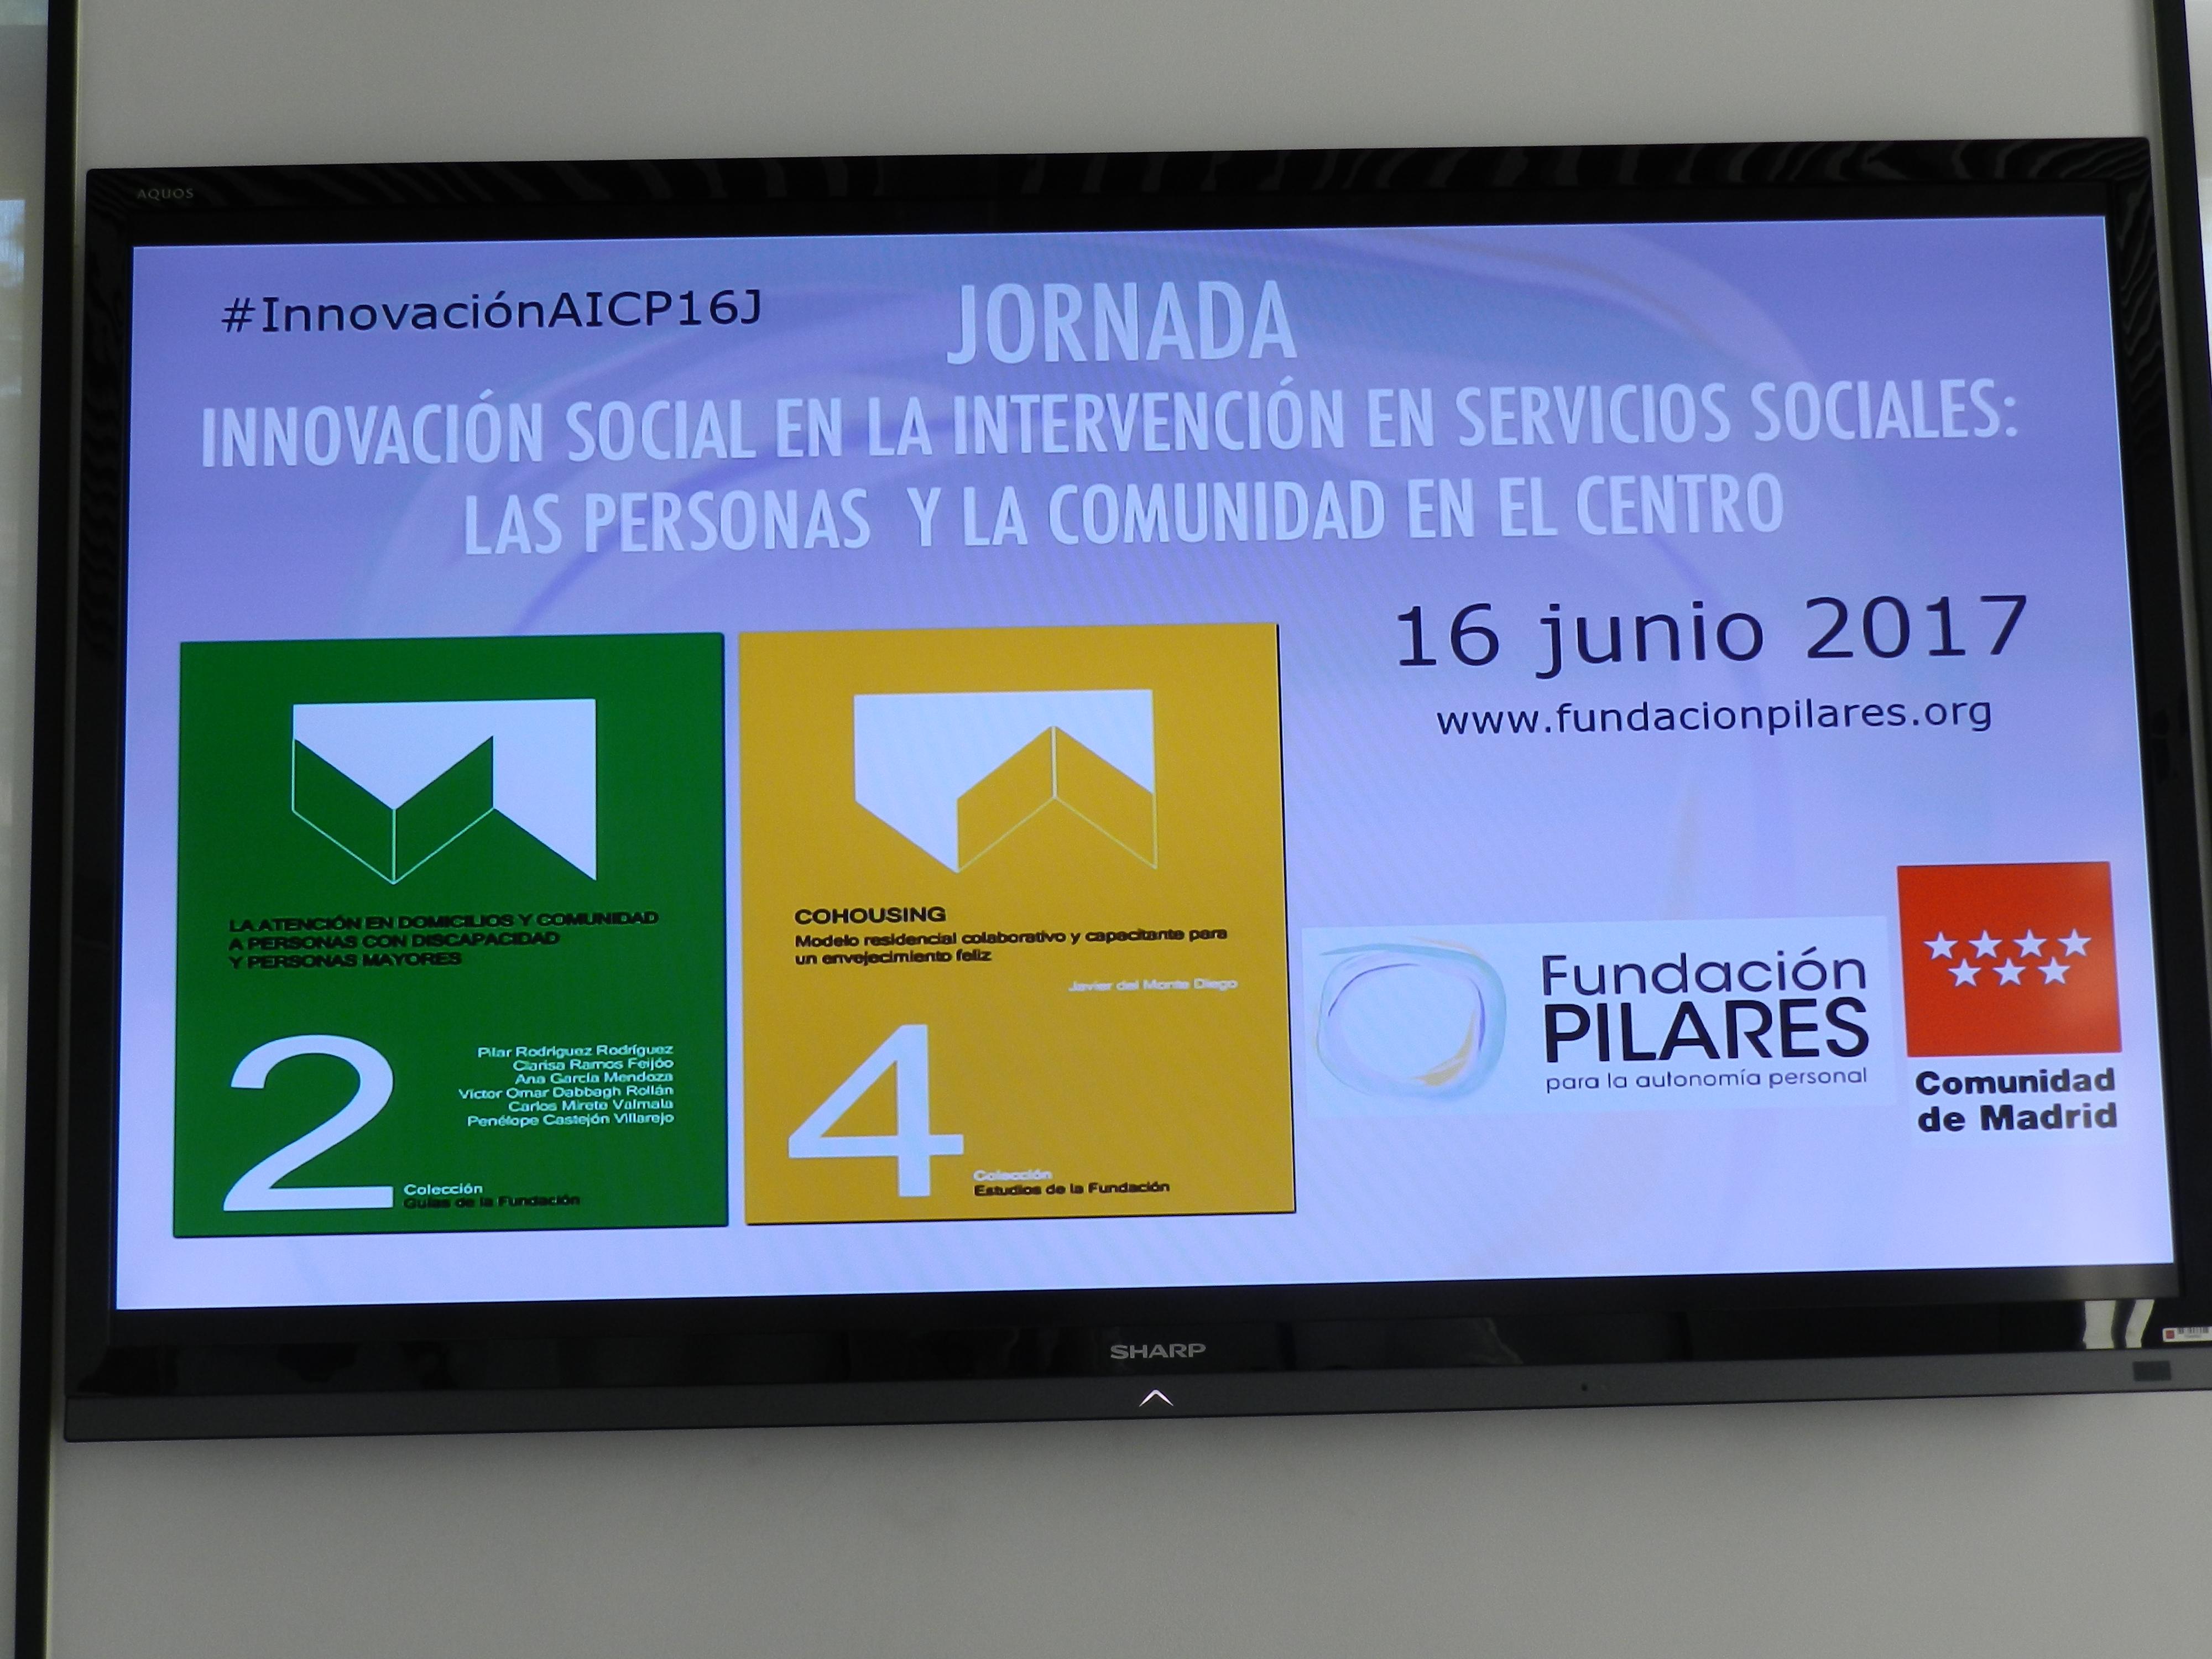 JORNADA: INNOVACIÓN SOCIAL EN LA INTERVENCIÓN EN SERVICIOS SOCIALES: LAS PERSONAS Y LA COMUNIDAD EN EL CENTRO